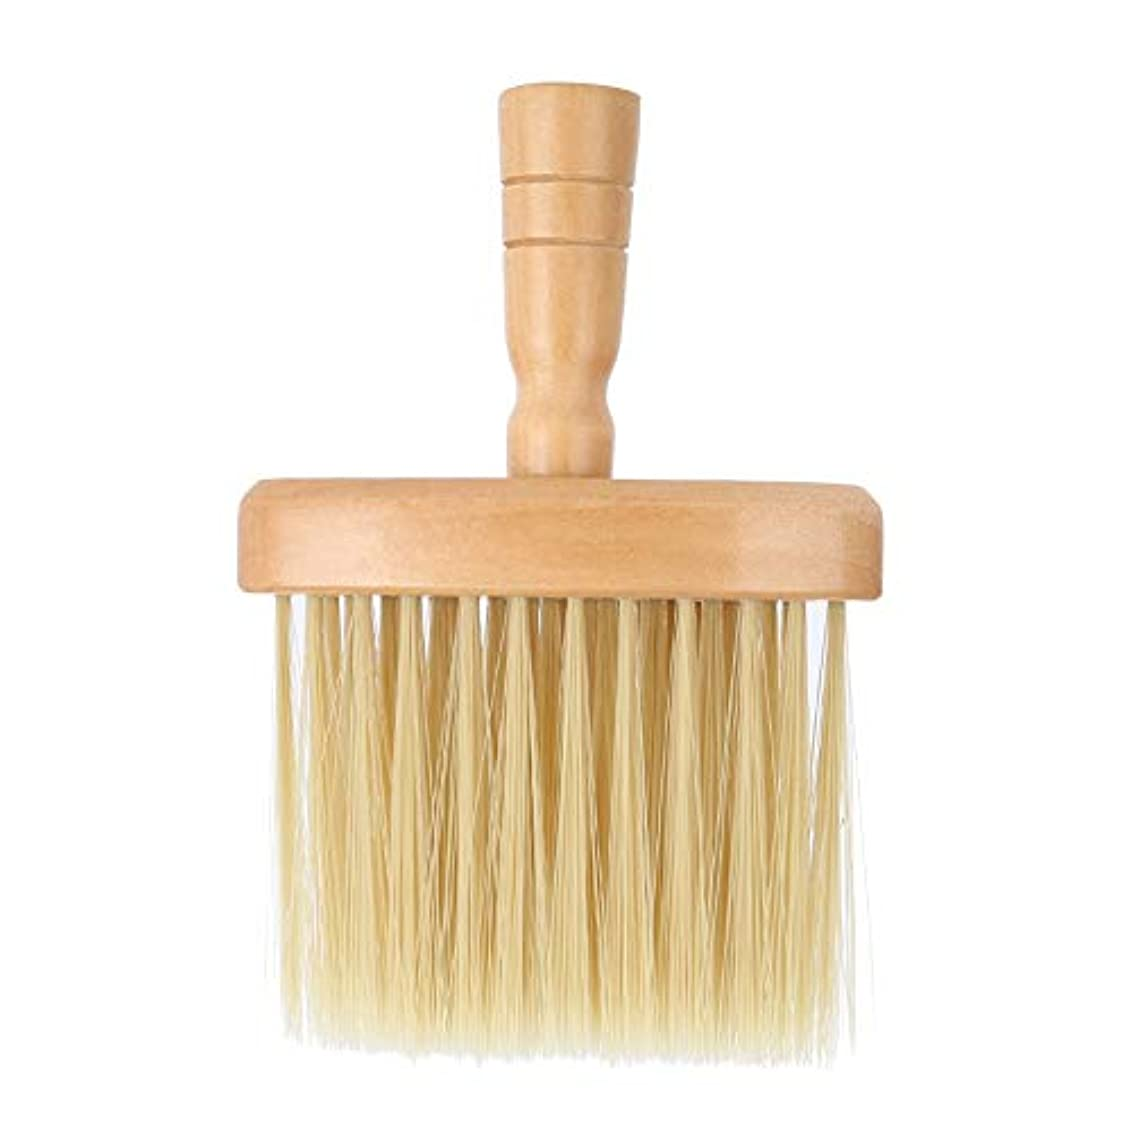 コントロール来て永遠にヘアカットブラシネックフェイスダスターブラシサロンヘアクリーニング木製掃除ブラシヘアカット理髪ツール